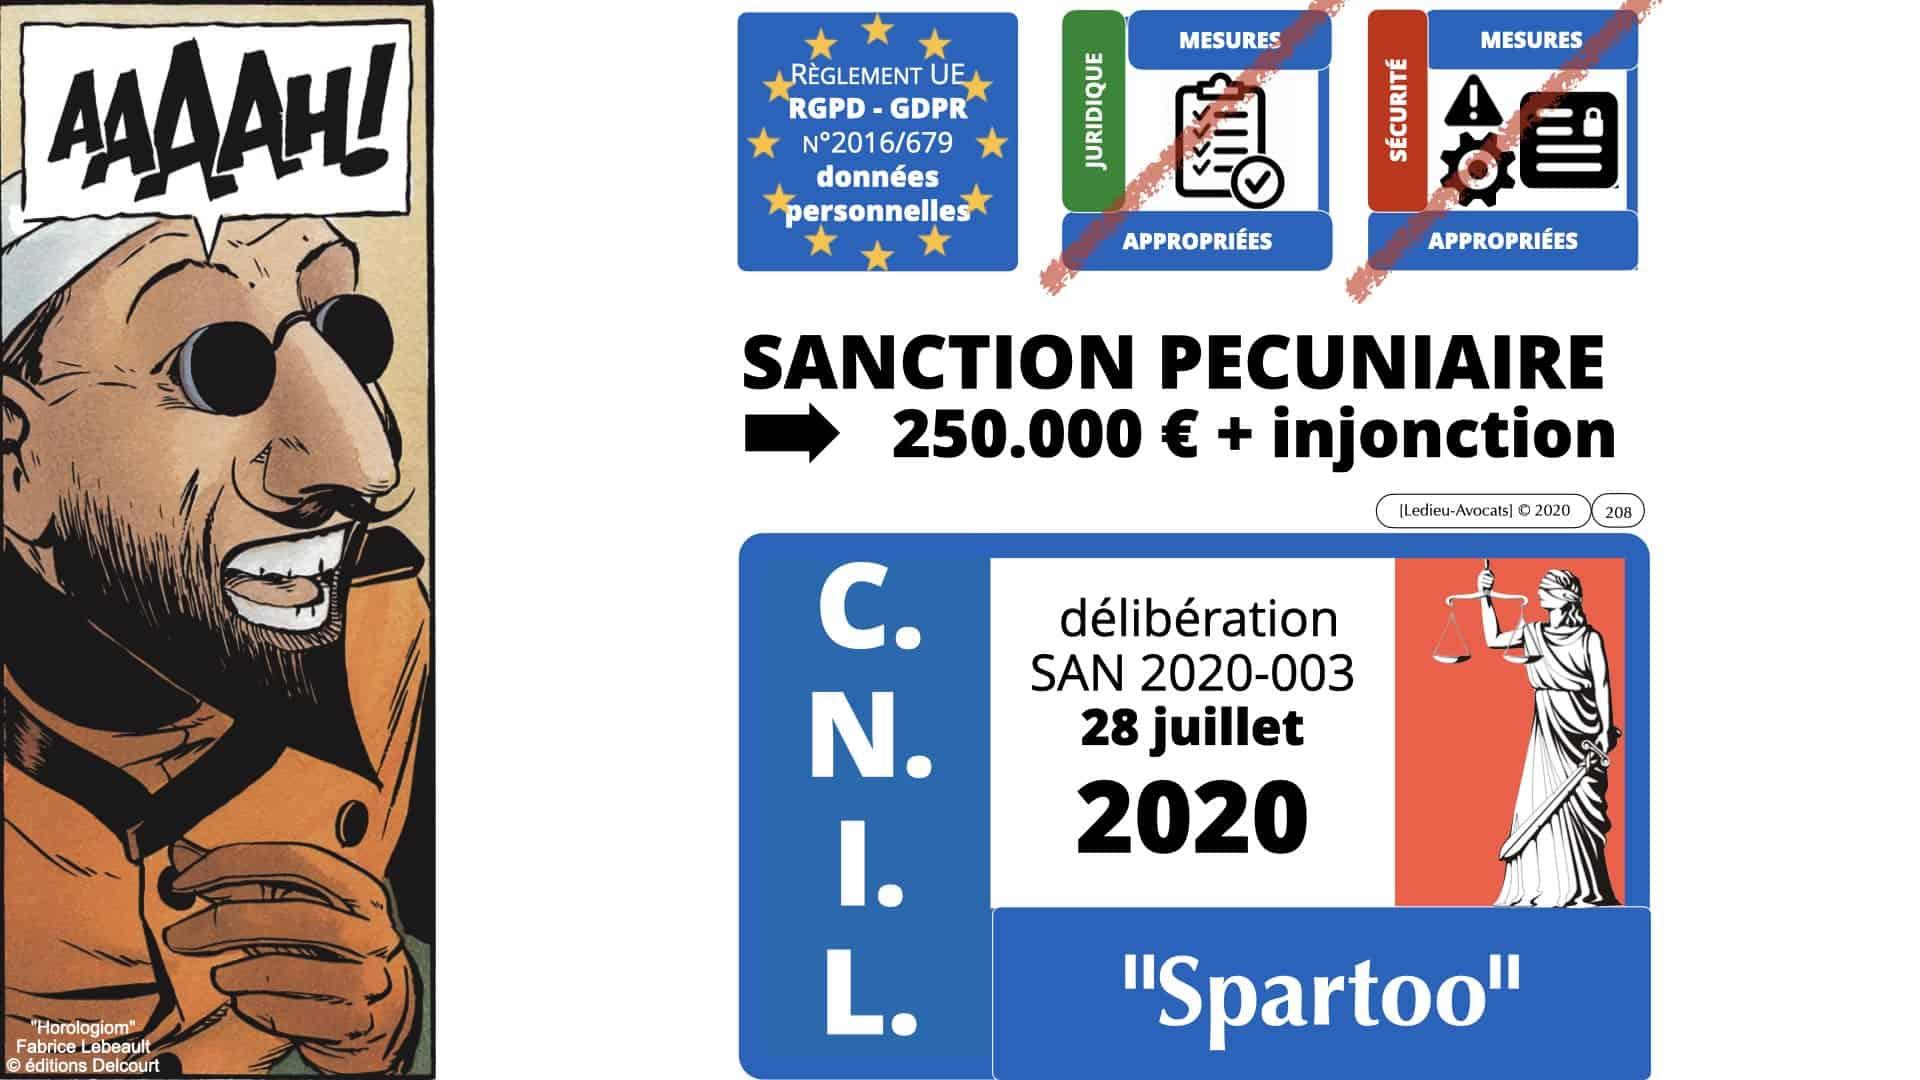 RGPD e-Privacy données personnelles jurisprudence formation Lamy Les Echos 10-02-2021 ©Ledieu-Avocats.208